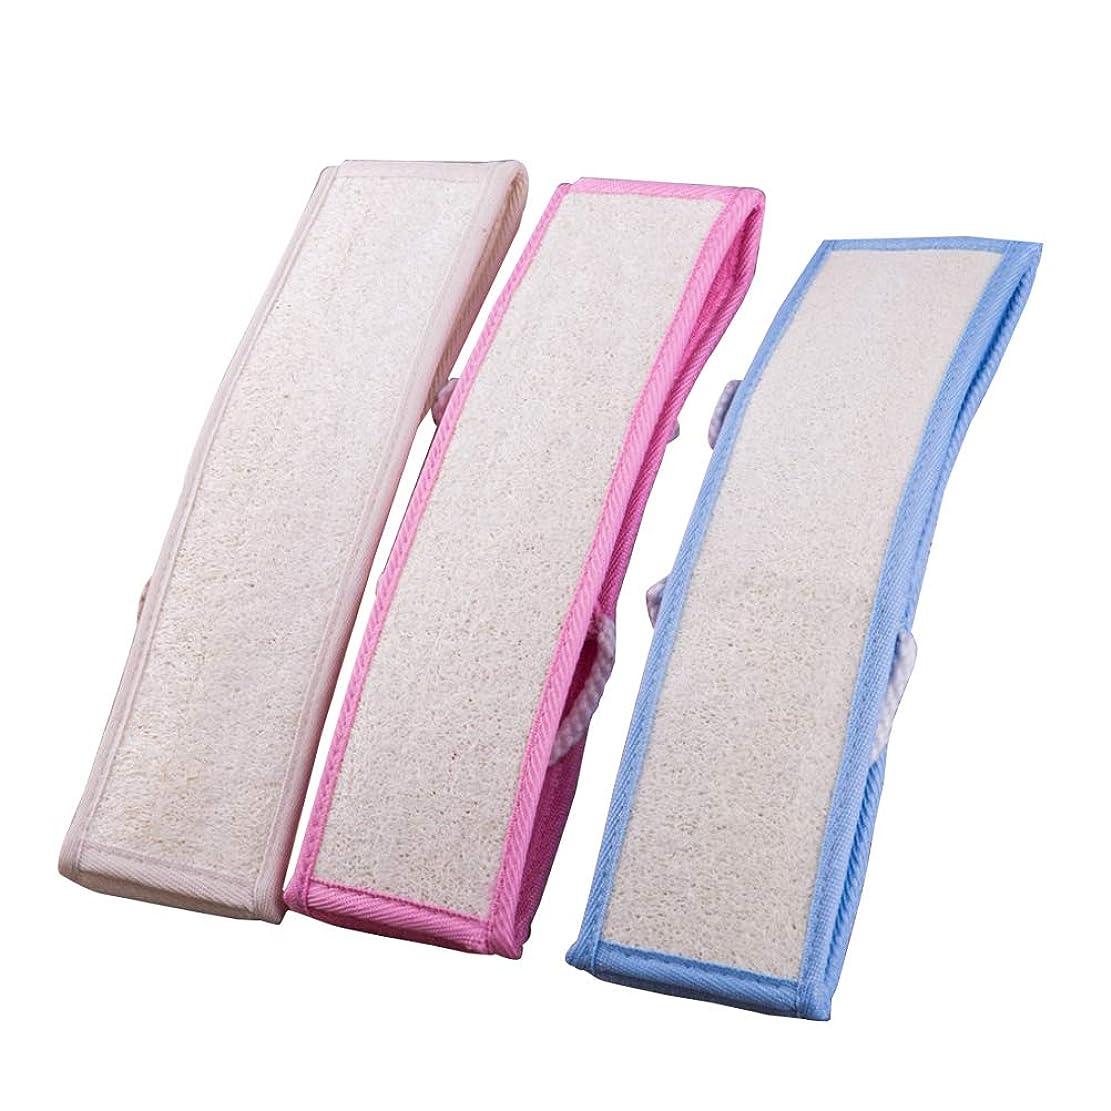 いくつかの聖域万歳Healifty 3本のLoofahバックストラップ剥離バックスクラバーロングシャワーバスLoofah(青、ピンク、白各1個)